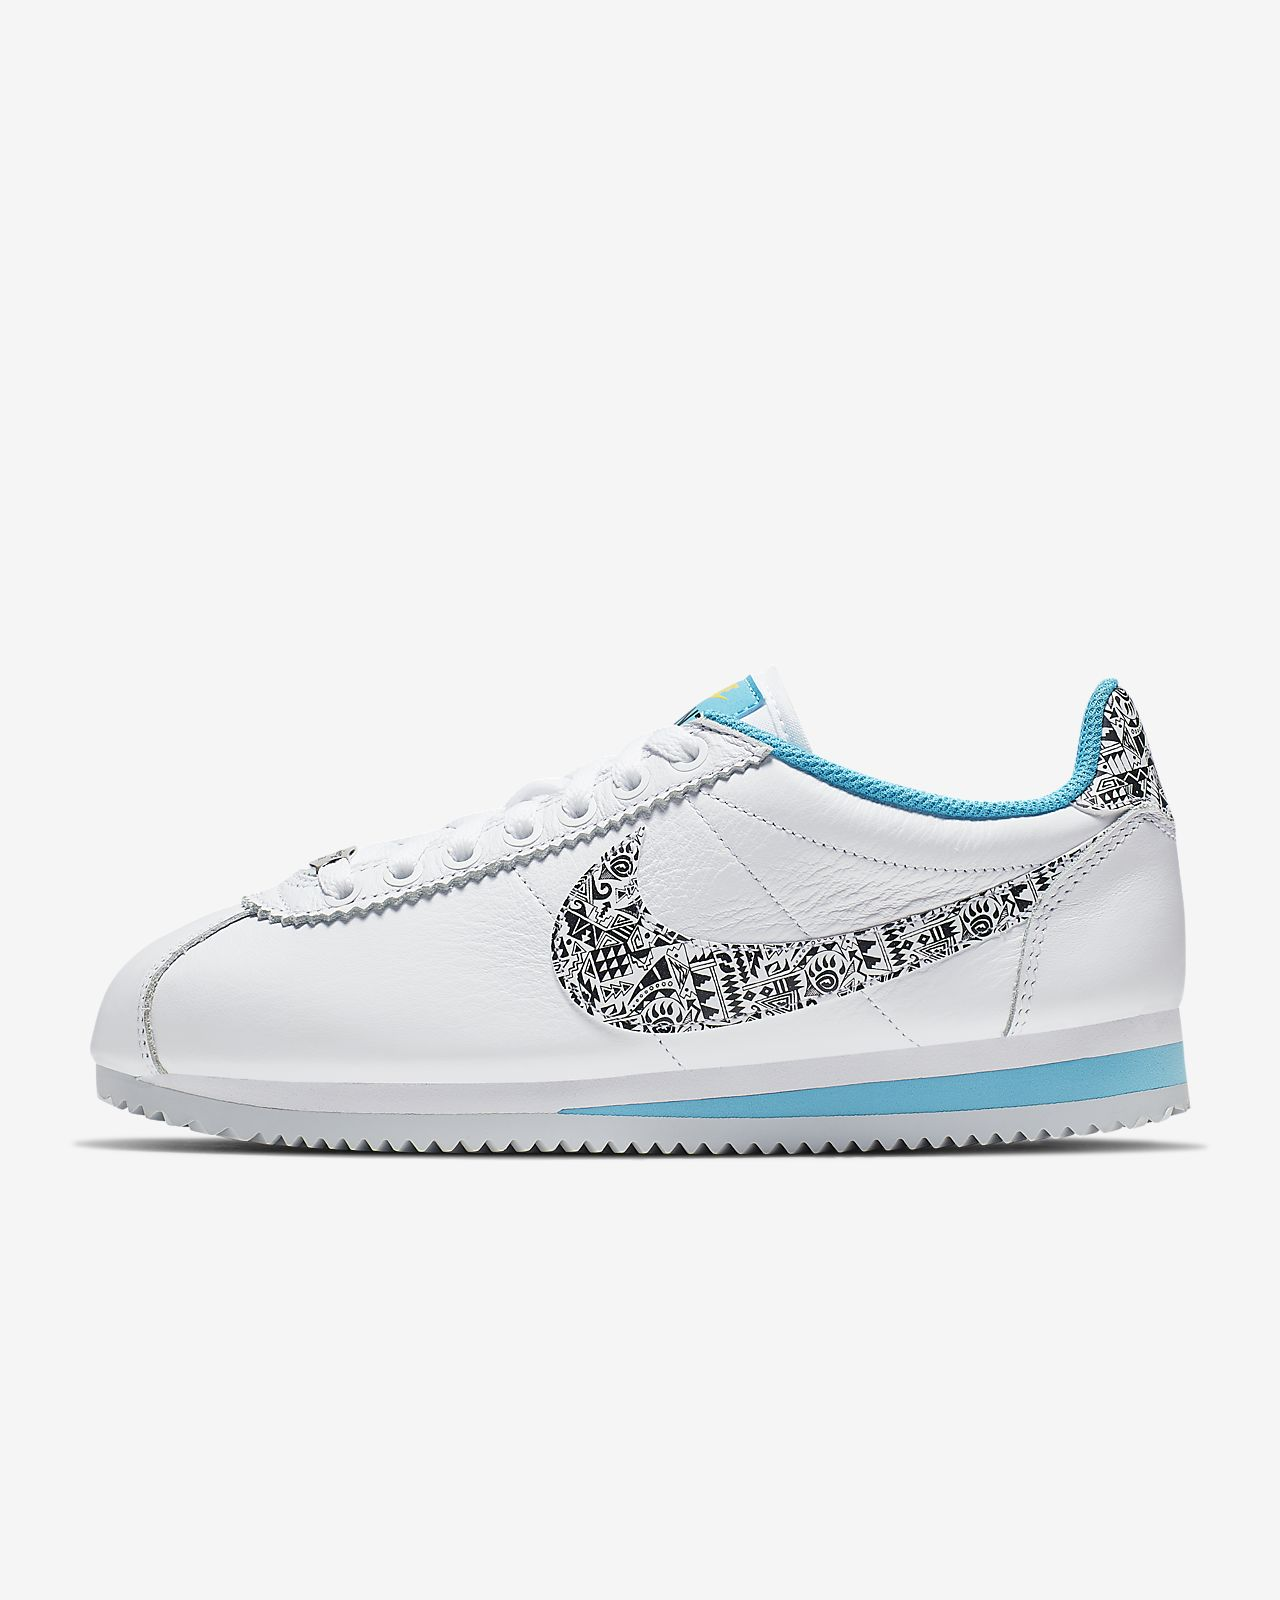 Nike Cortez N7 Women's Shoe